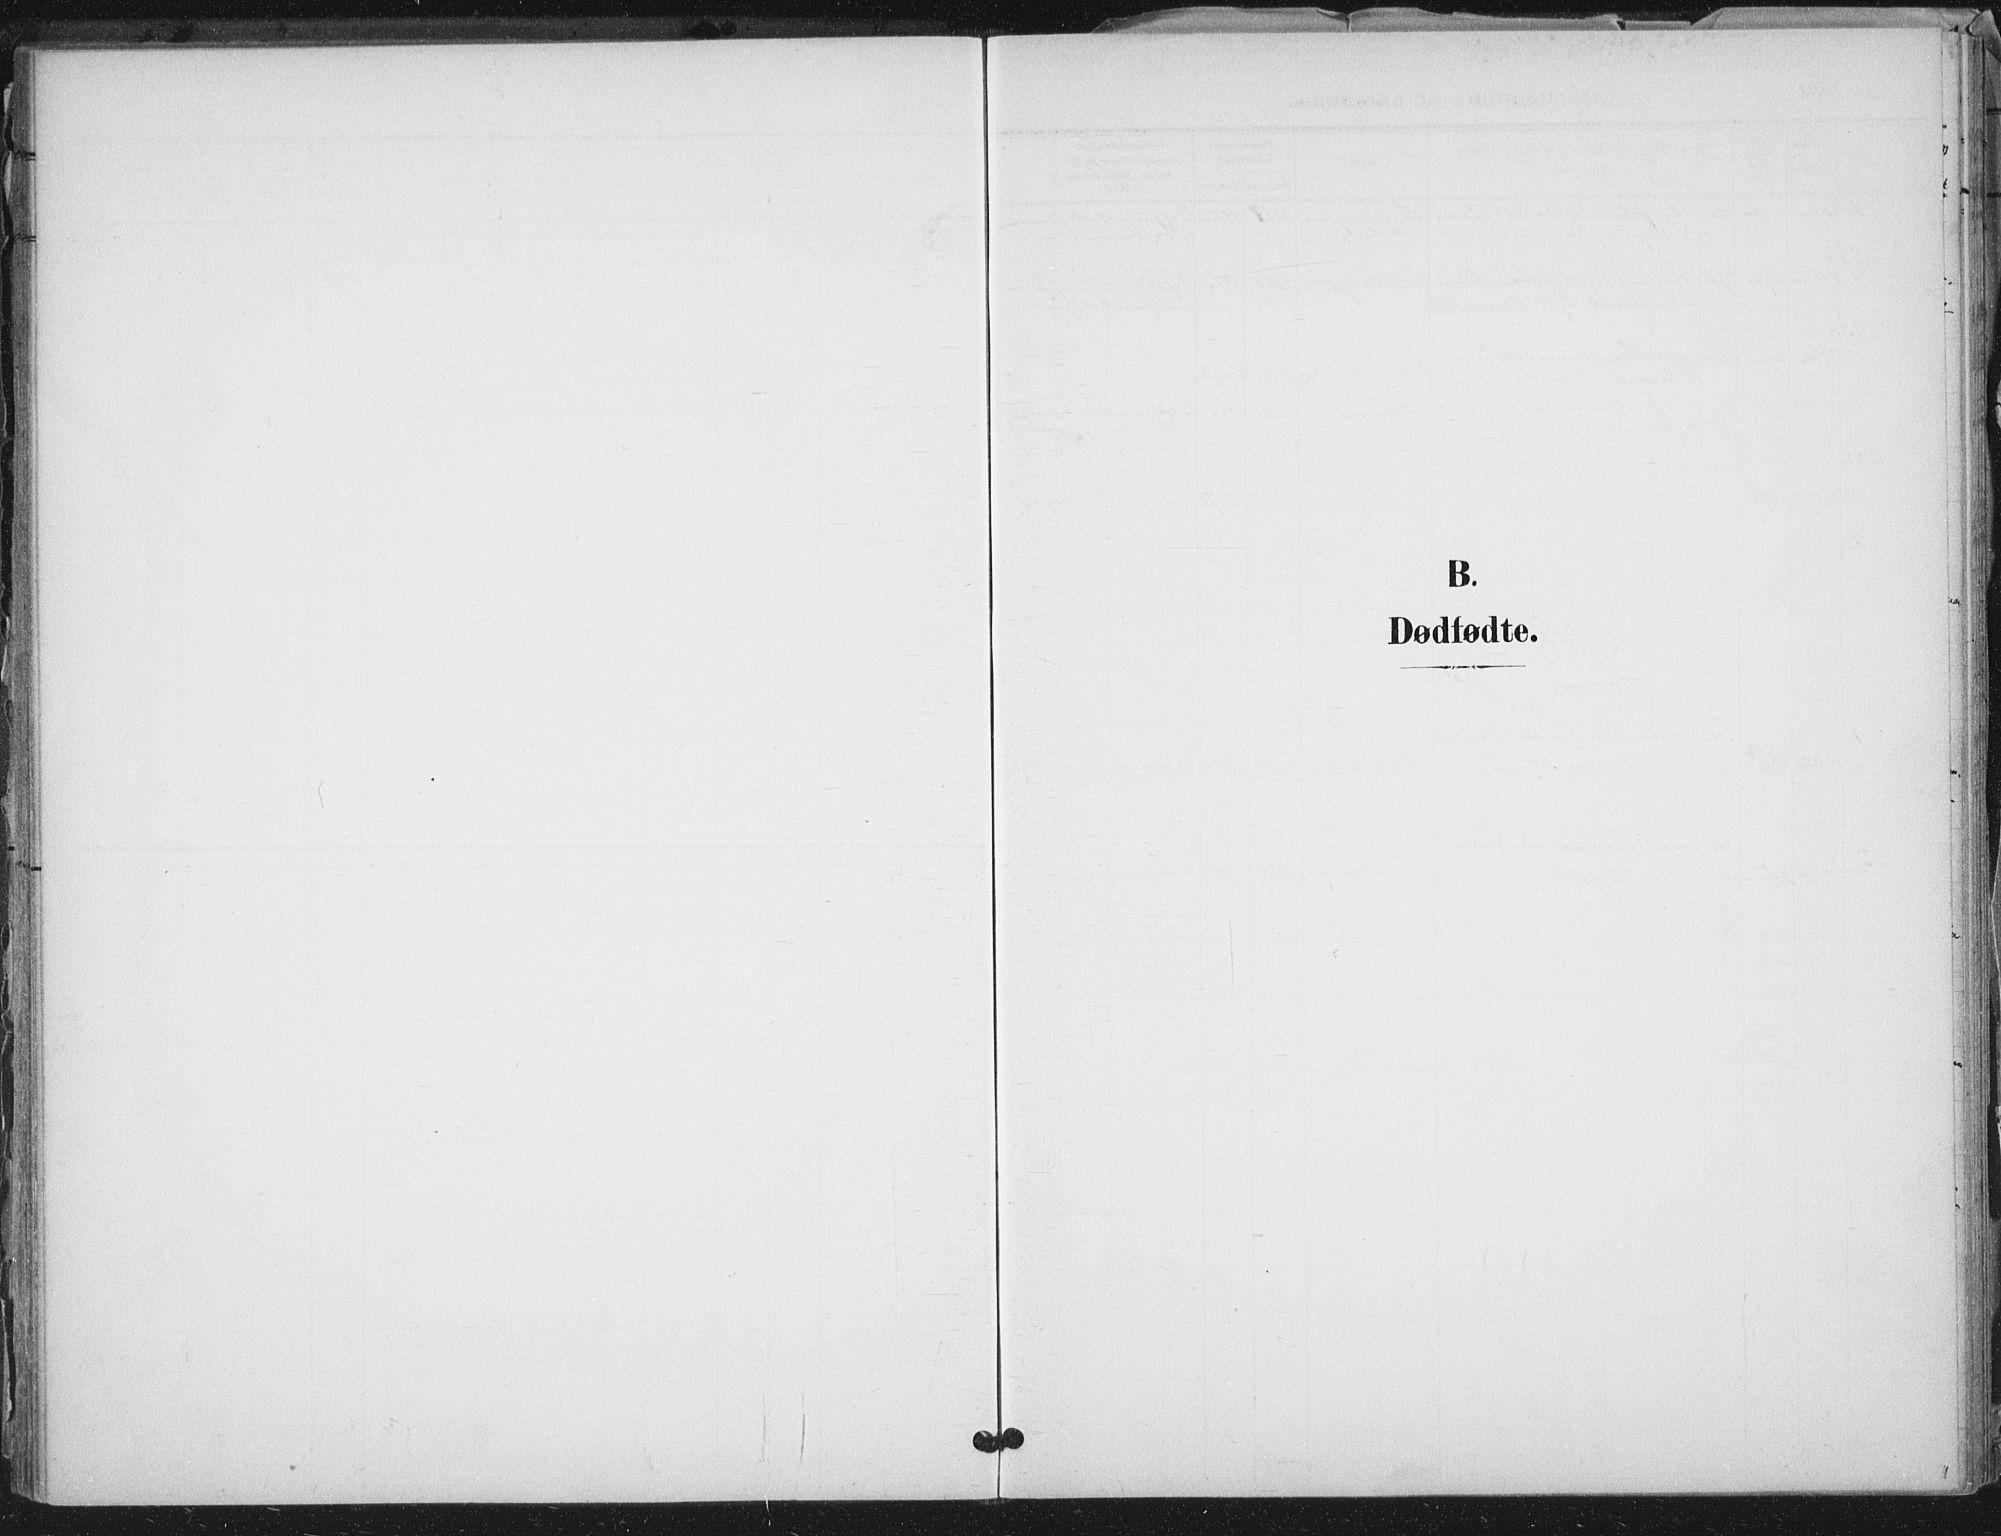 SAT, Ministerialprotokoller, klokkerbøker og fødselsregistre - Nord-Trøndelag, 712/L0101: Ministerialbok nr. 712A02, 1901-1916